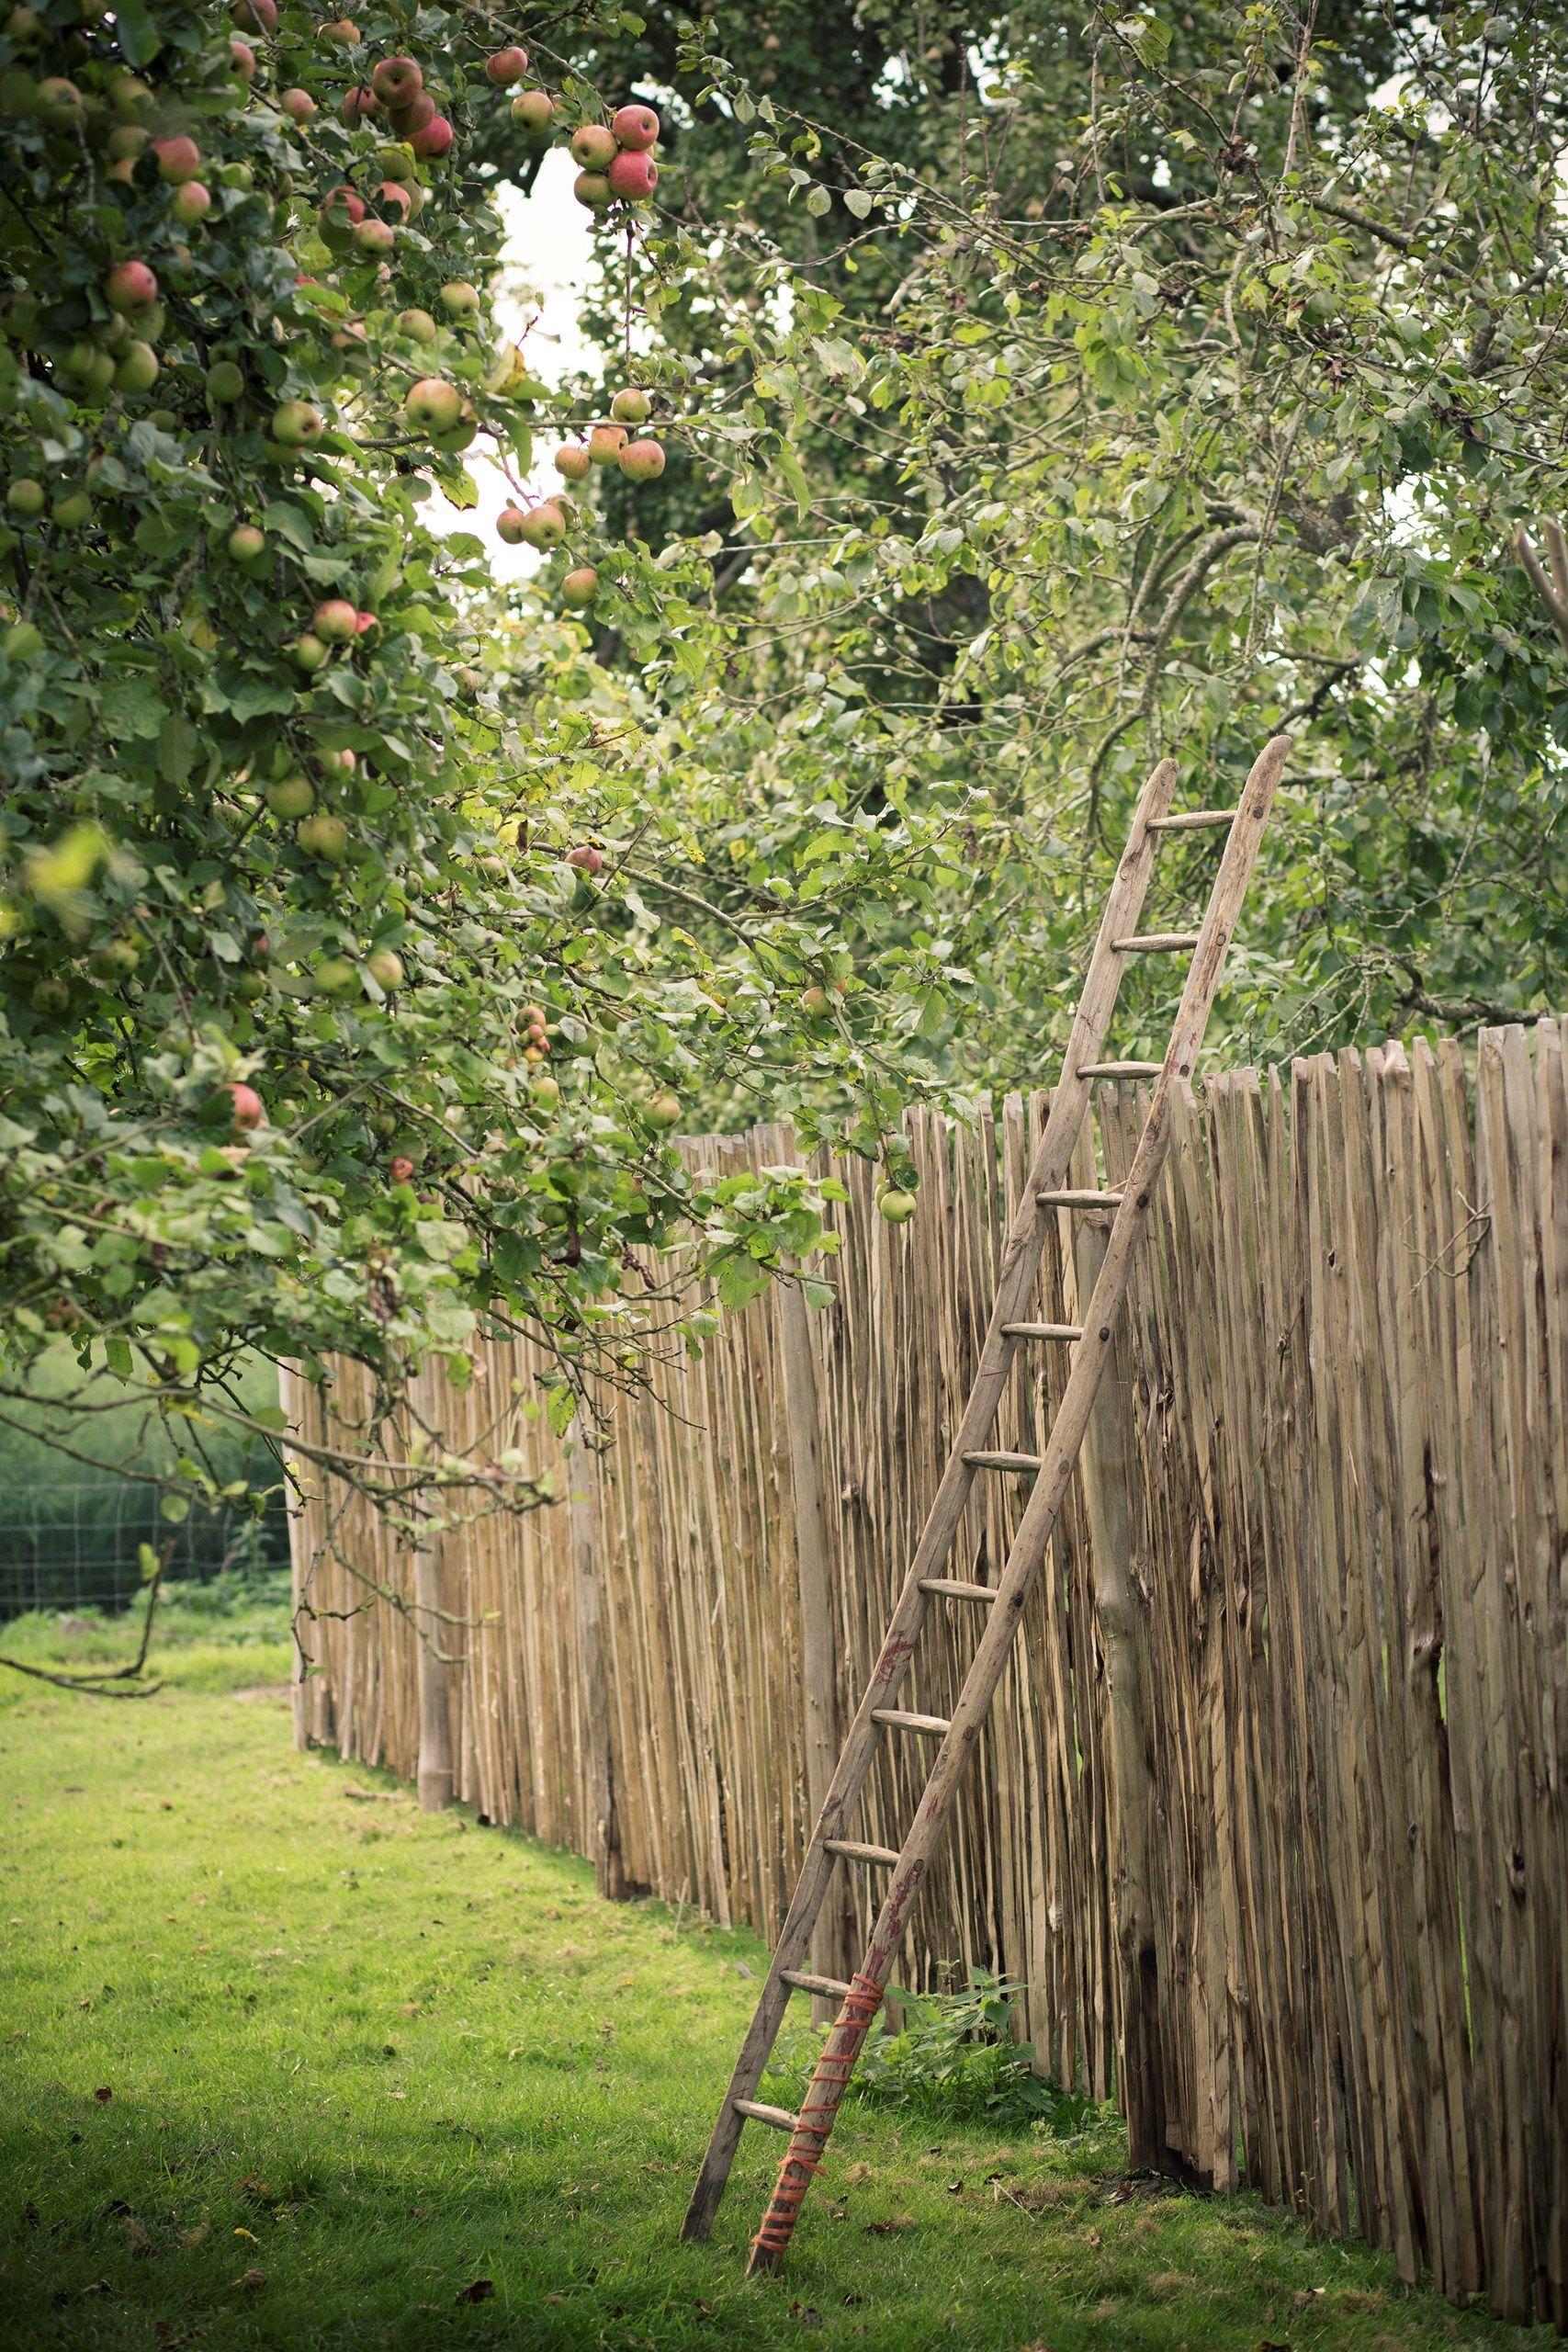 Gemütlich Garten Frühbeetfenstern Uk Fotos - Benutzerdefinierte ...